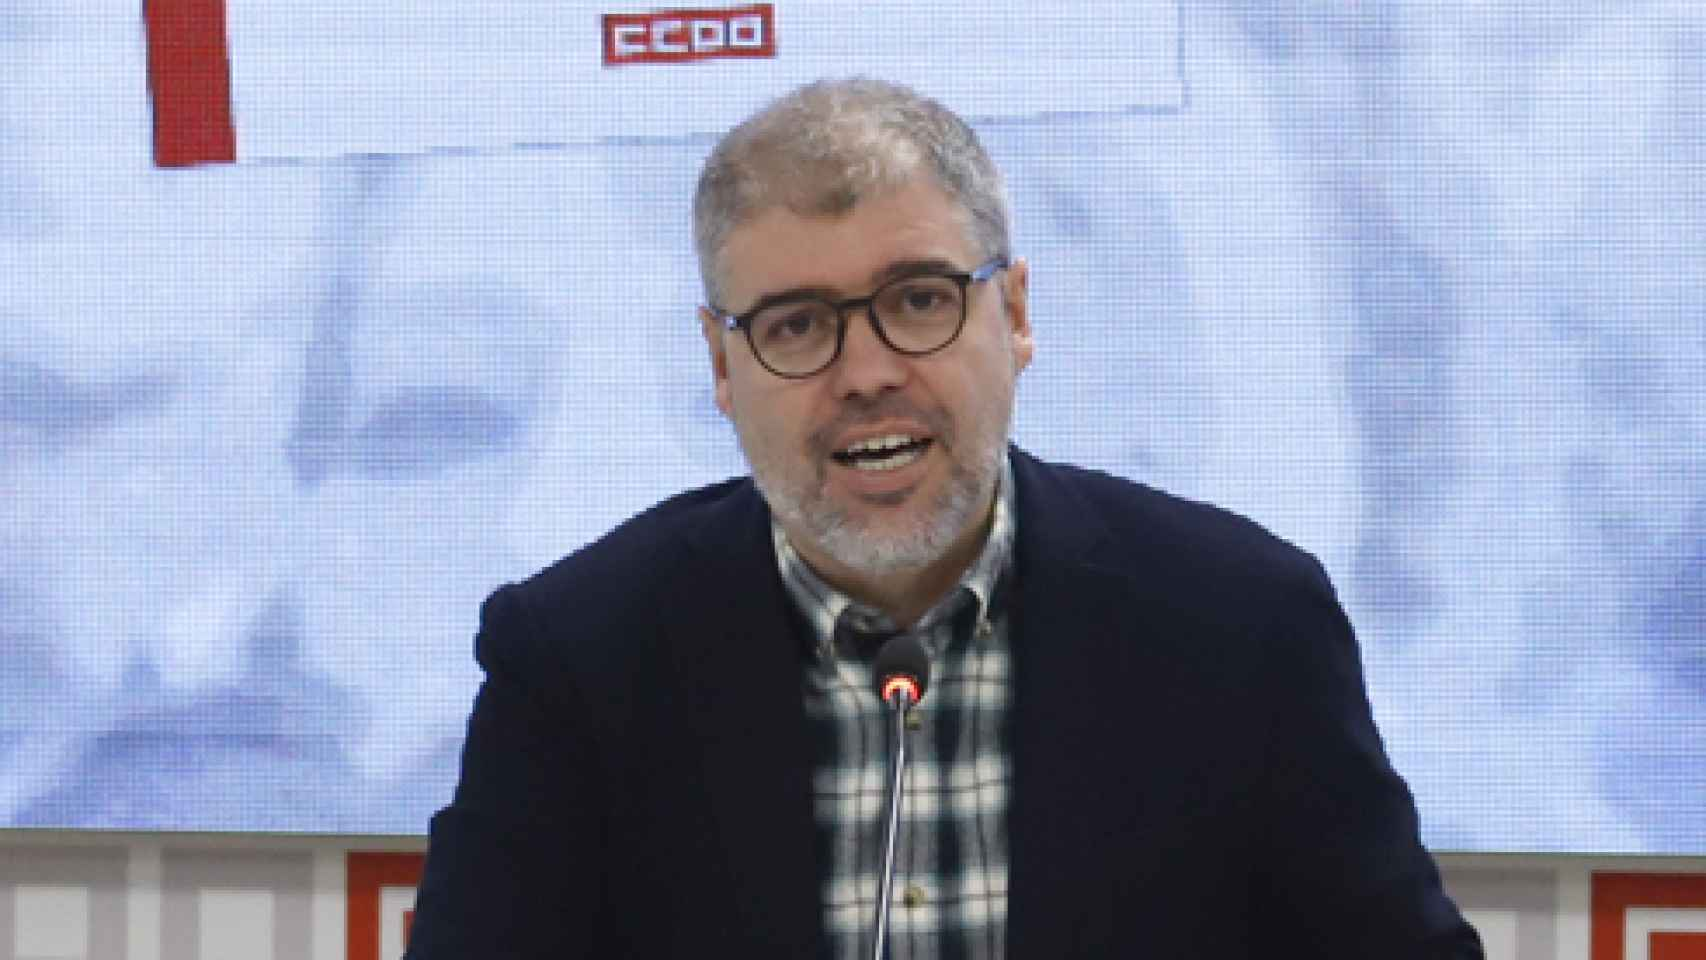 Unai Sordo, durante la presentación del informe de CCOO (Julián Rebollo).